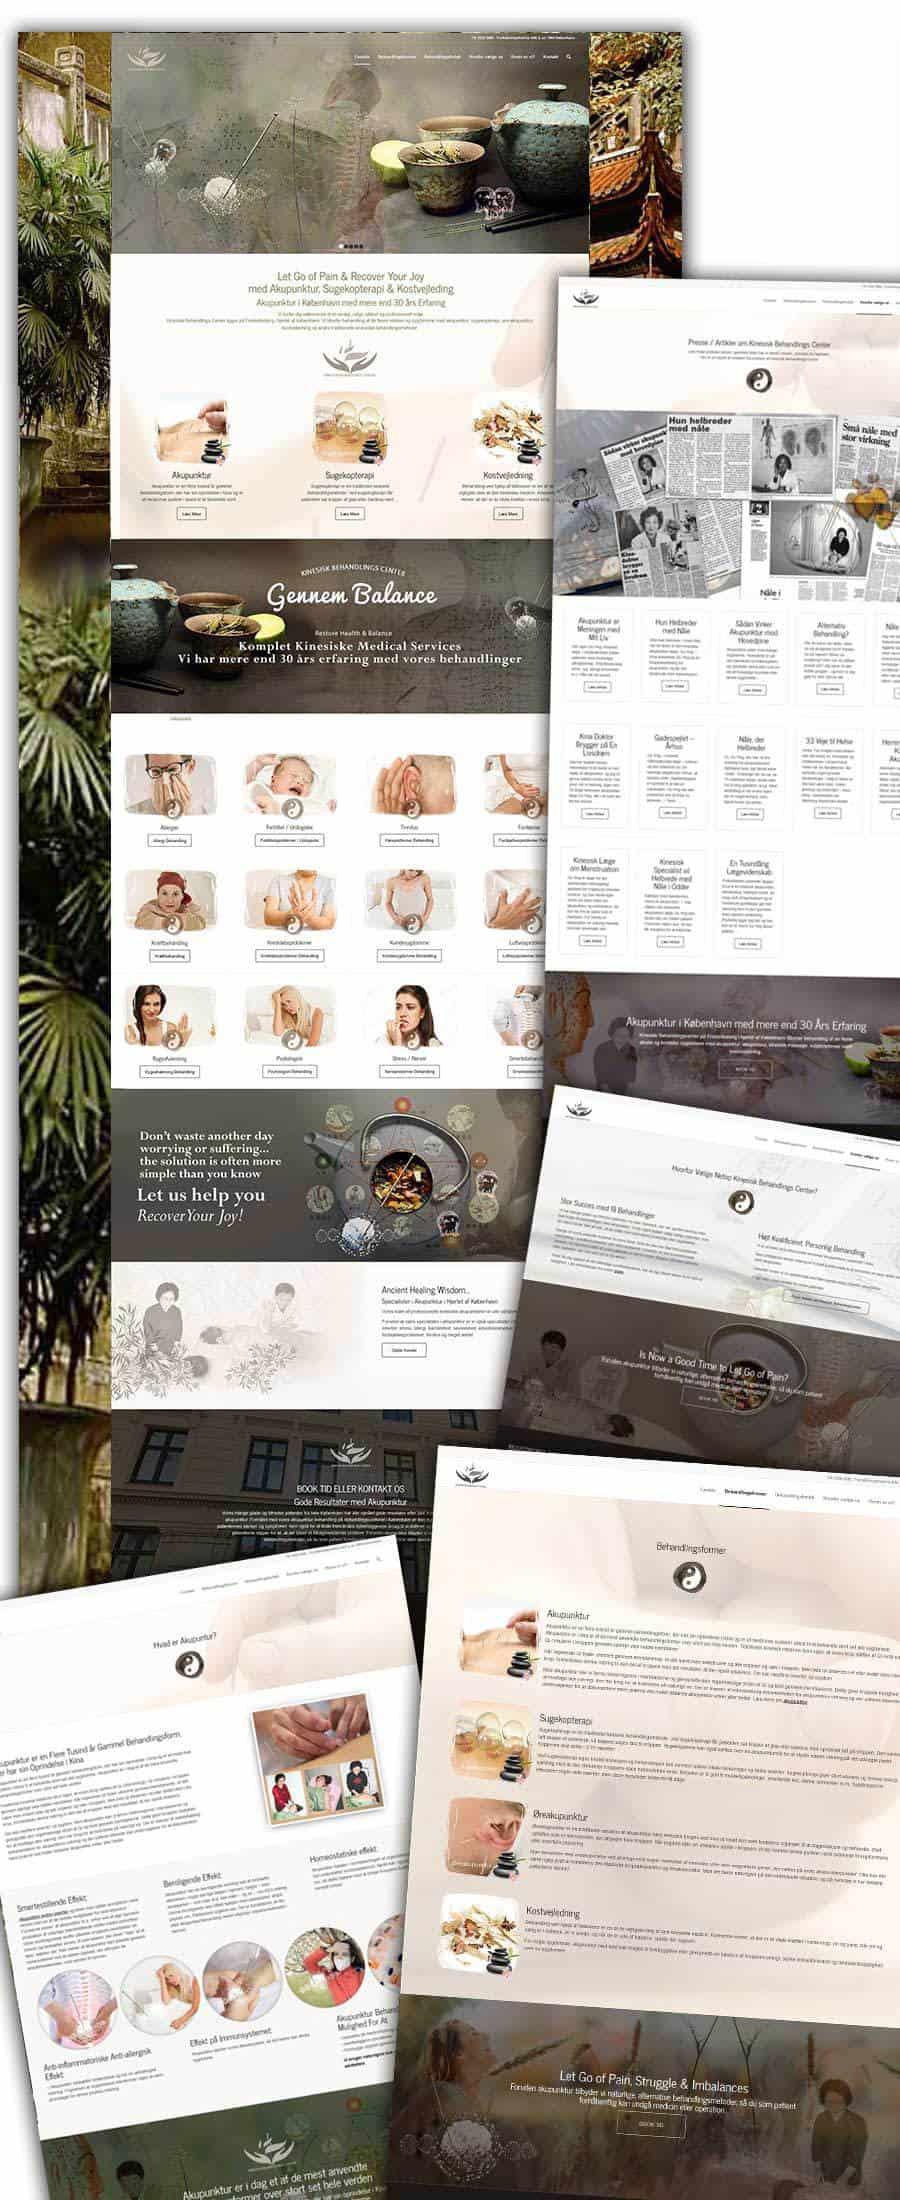 Nogle screenshots af behandlings hjemmeside